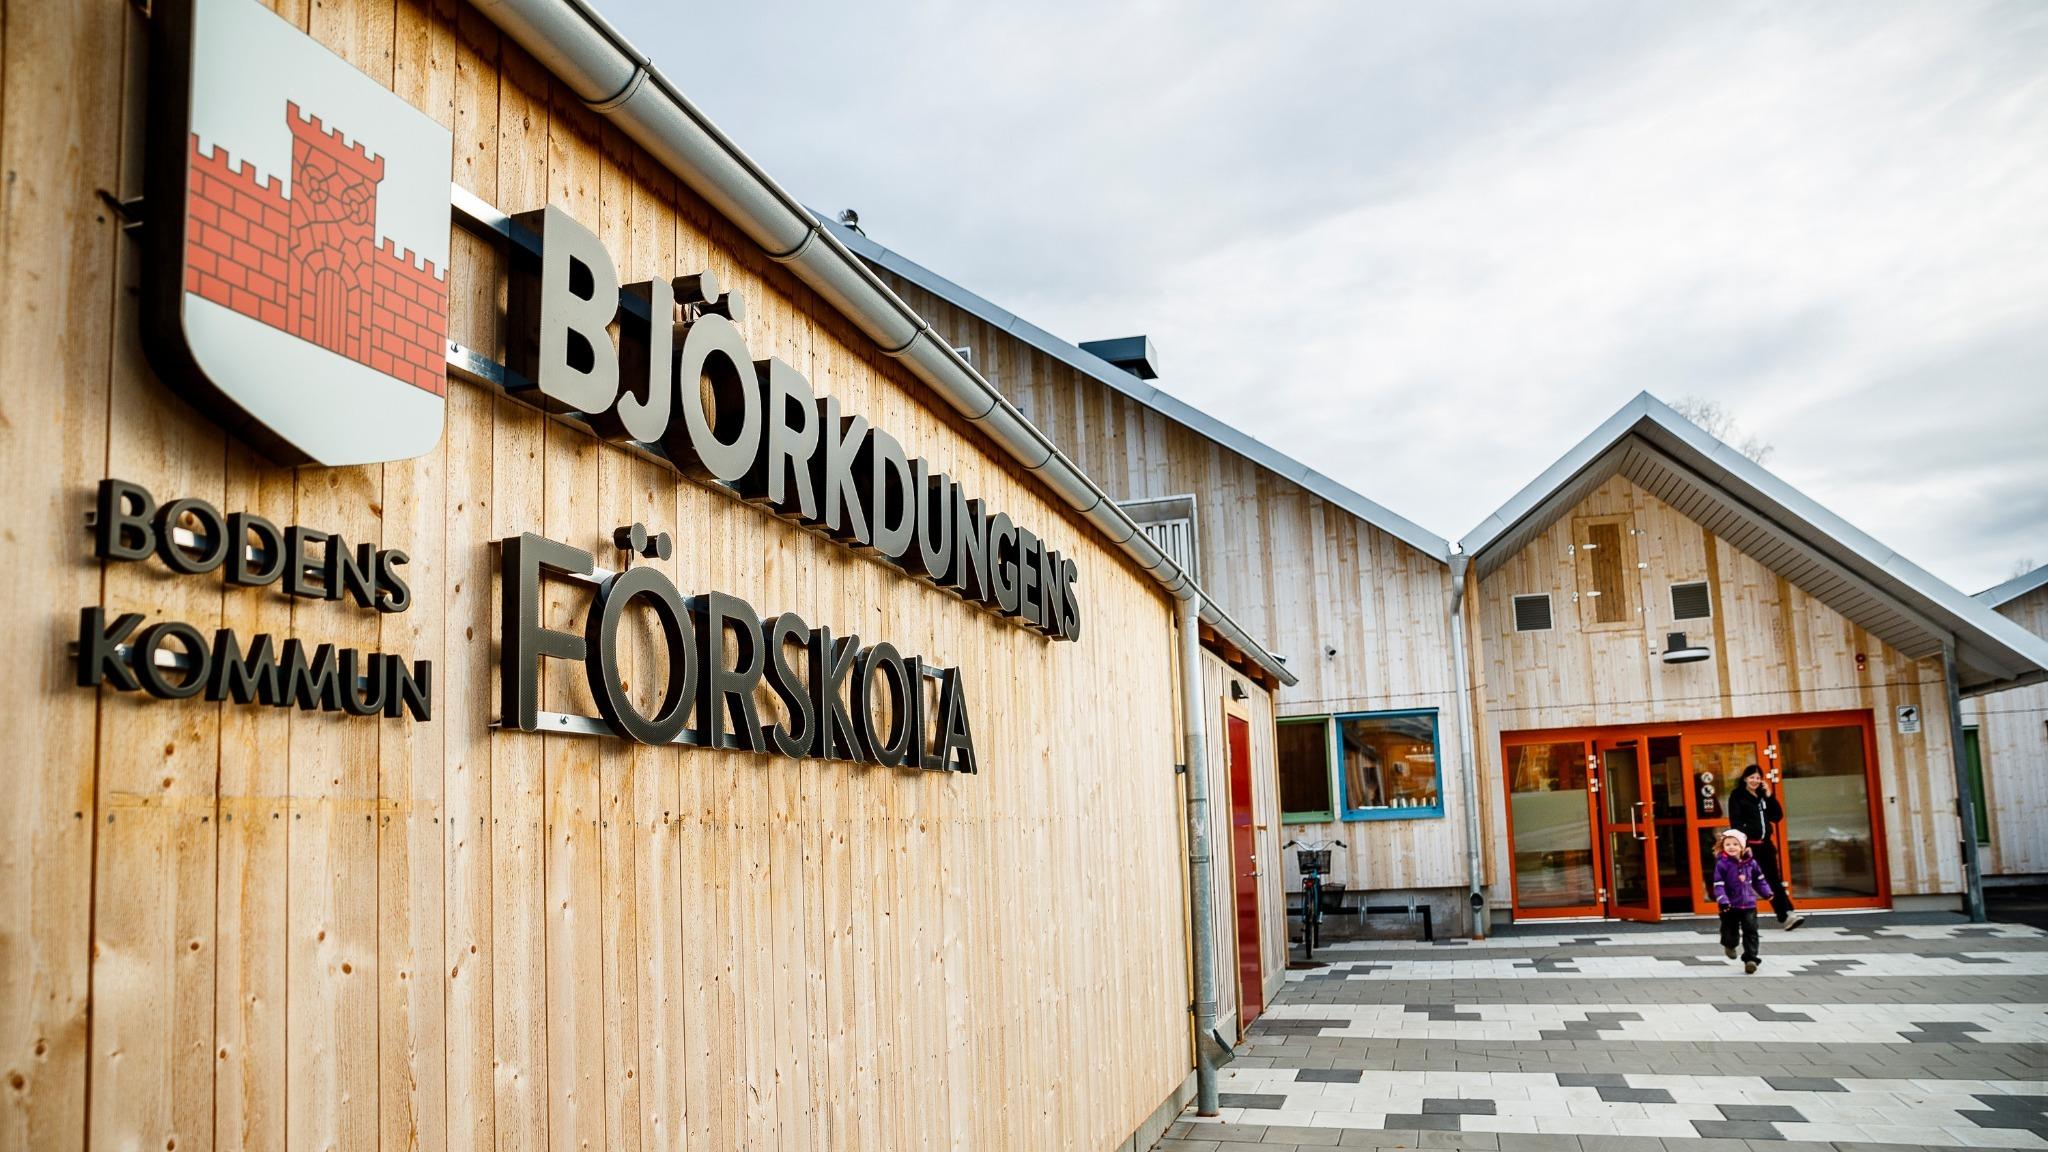 Träfasad och entré till Björkdungens förskola